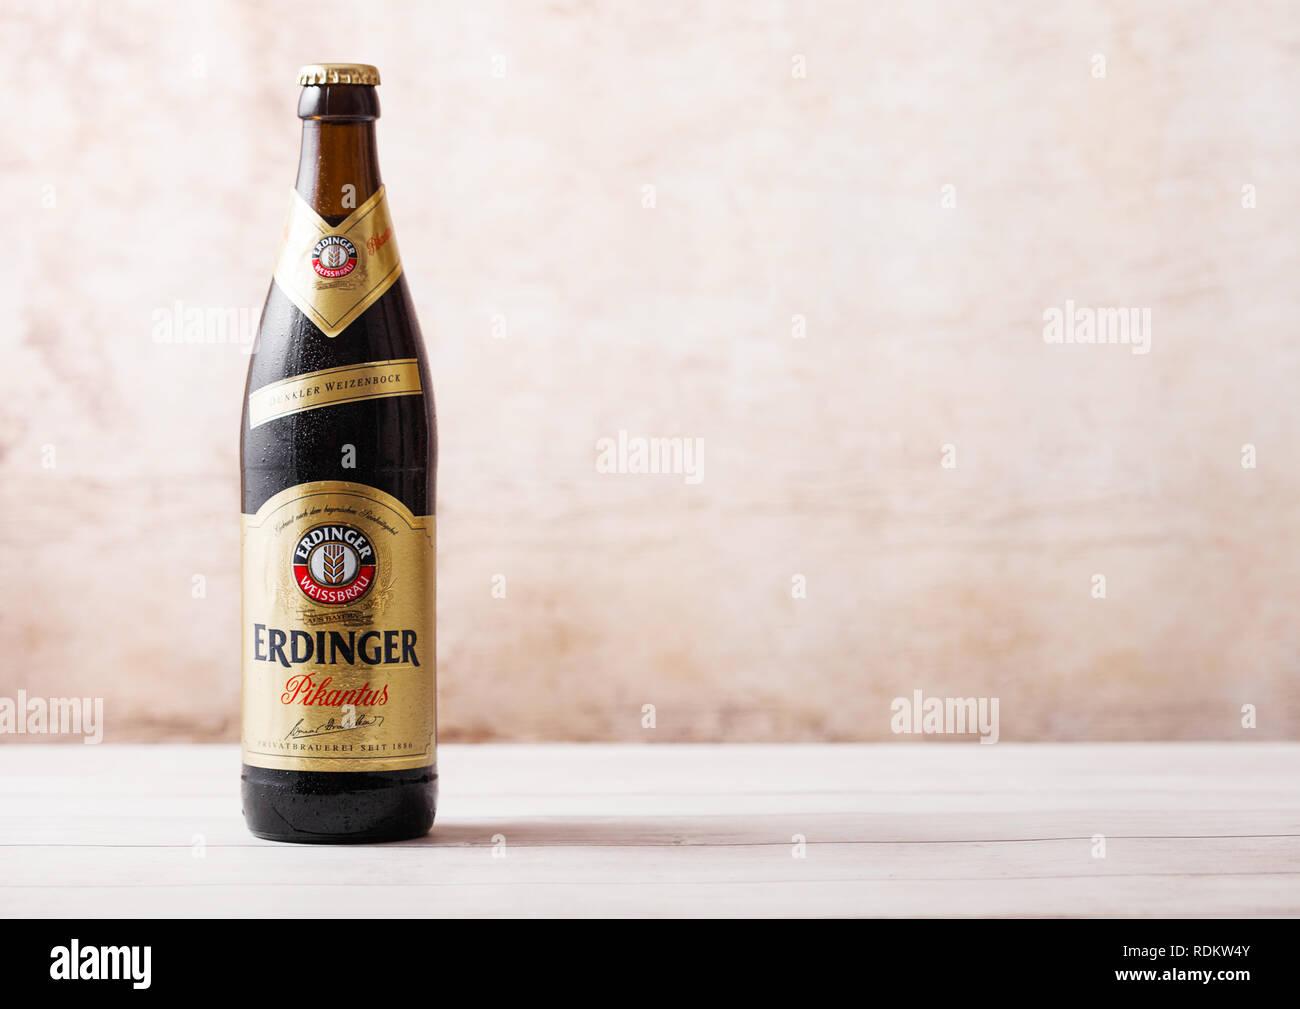 LONDON, UK, 15. JANUAR 2019: Flasche Erdinger Pikantus Bier auf Holz- Hintergrund. Erdinger ist das Produkt der weltweit größten Weißbierbrauerei Stockbild